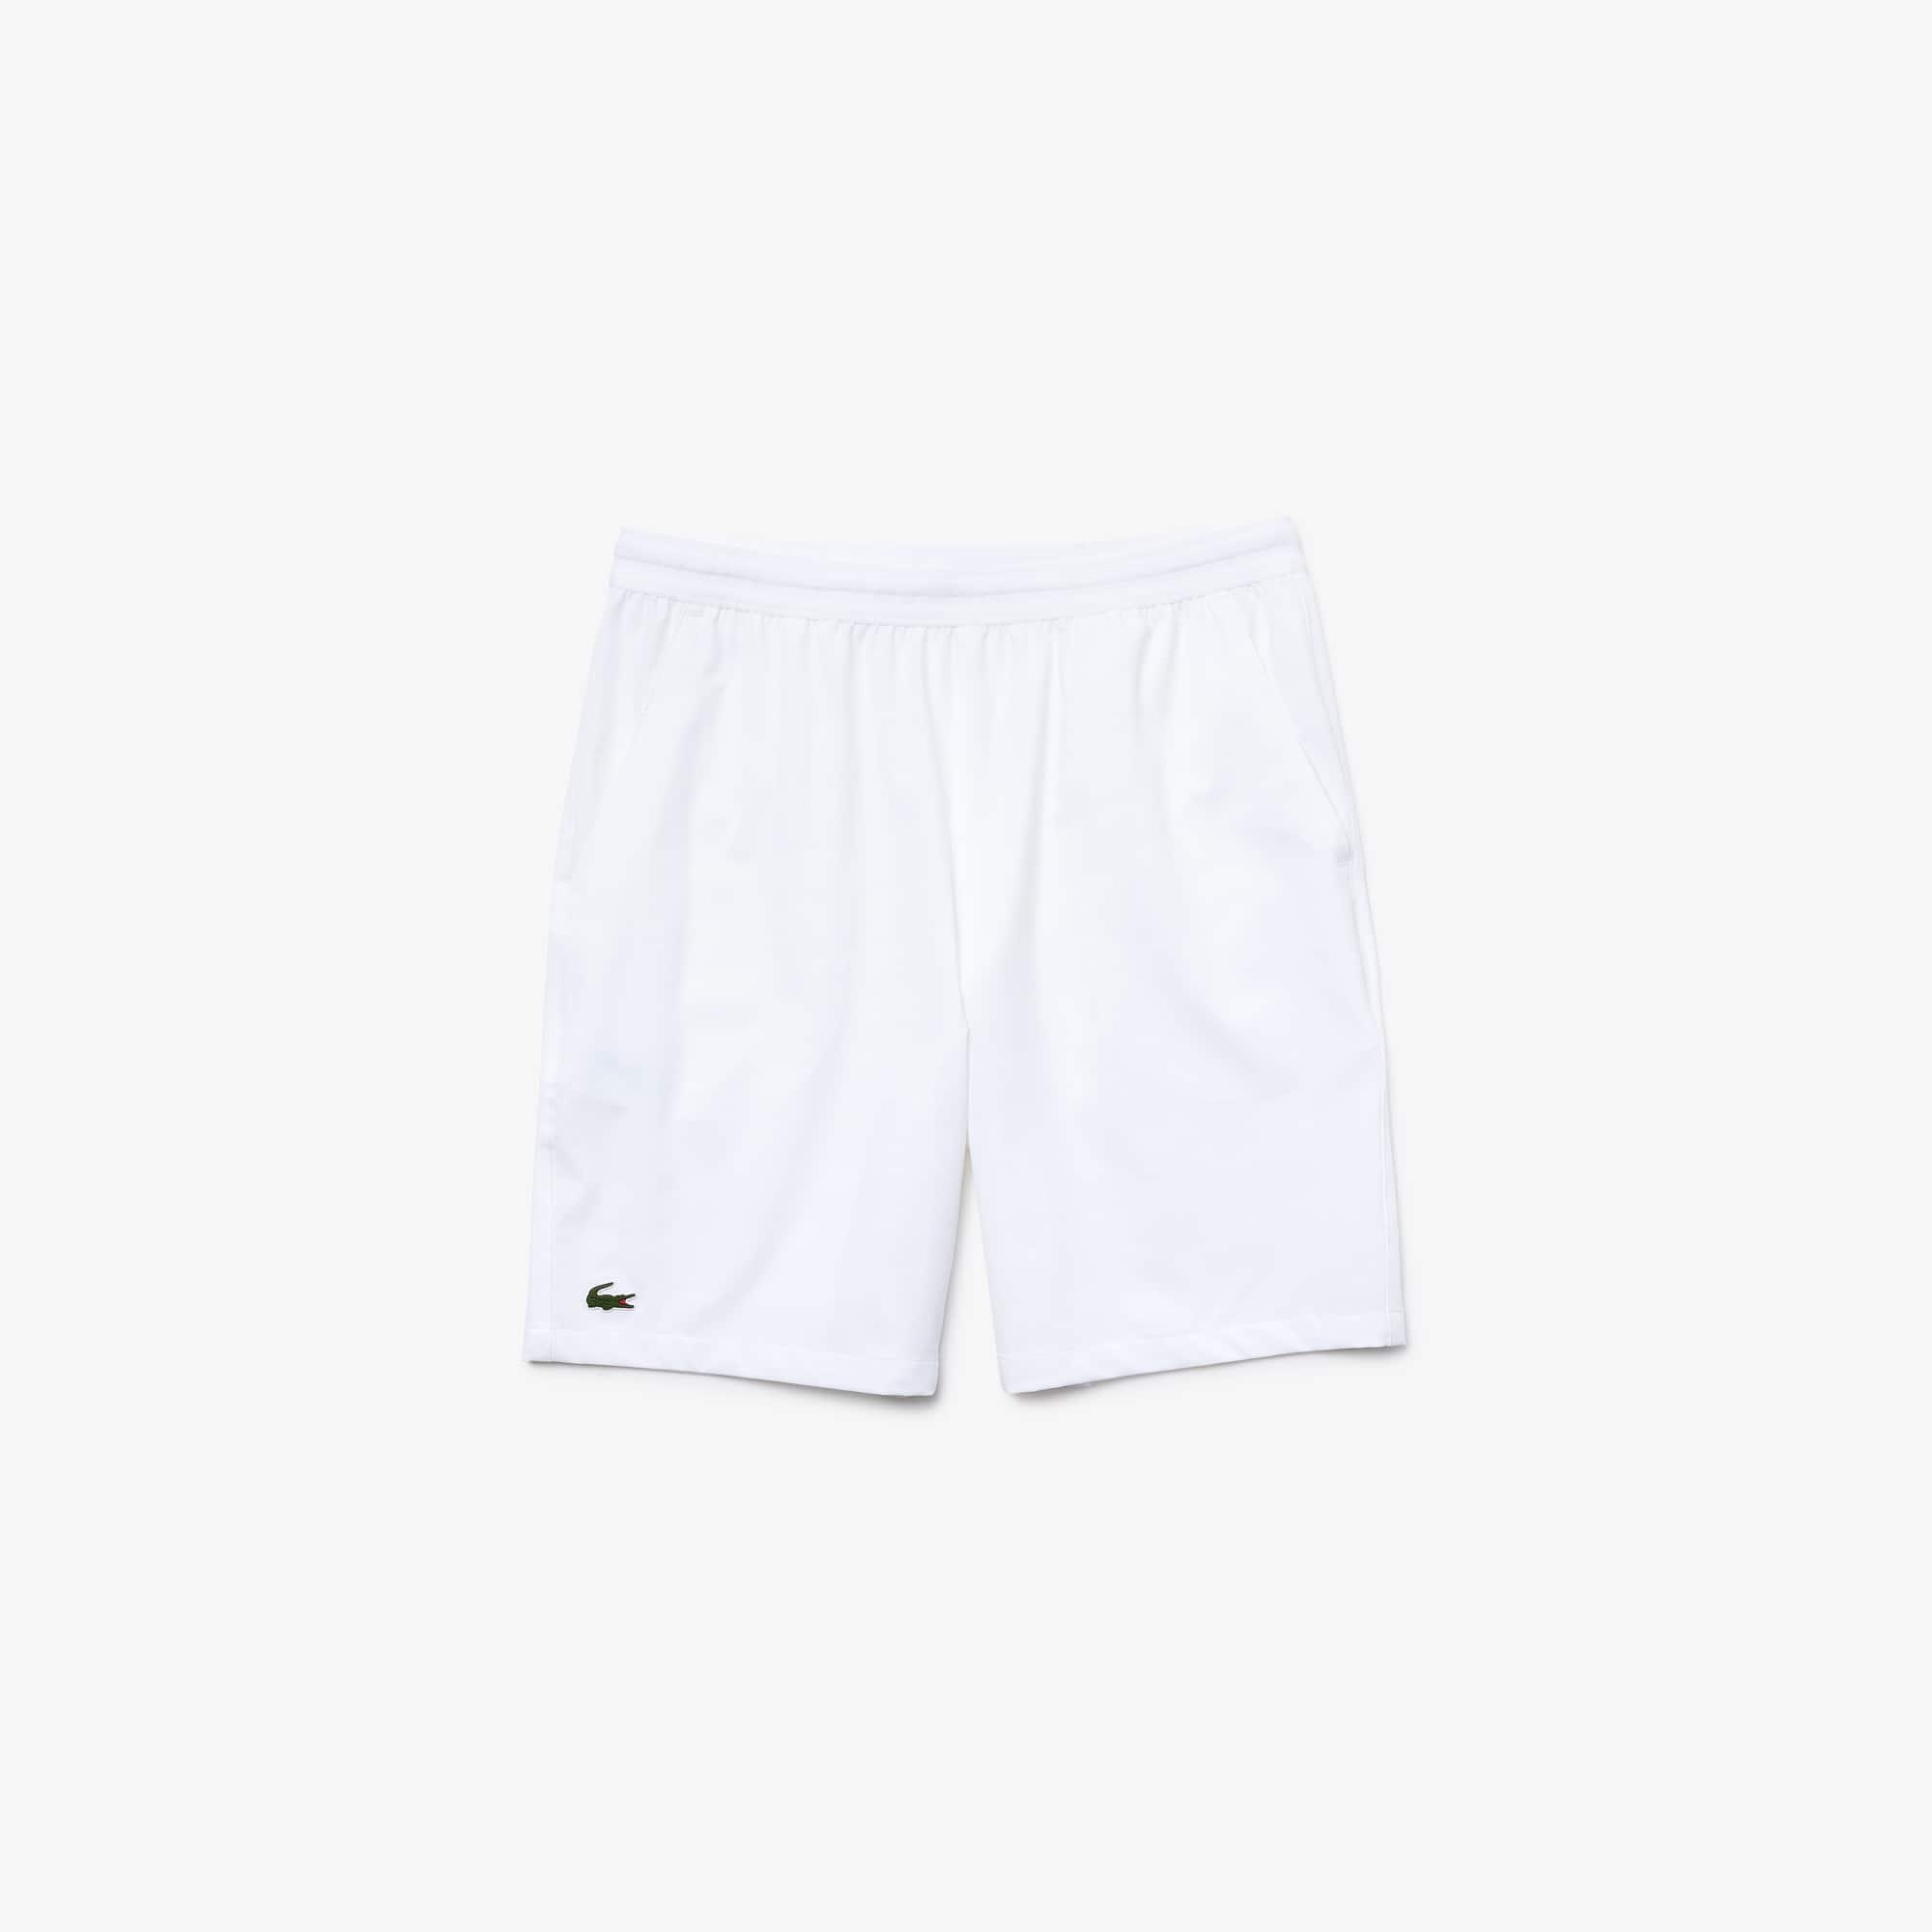 4350846088 Sportswear Lacoste Short Homme Lacoste Sport GH8107